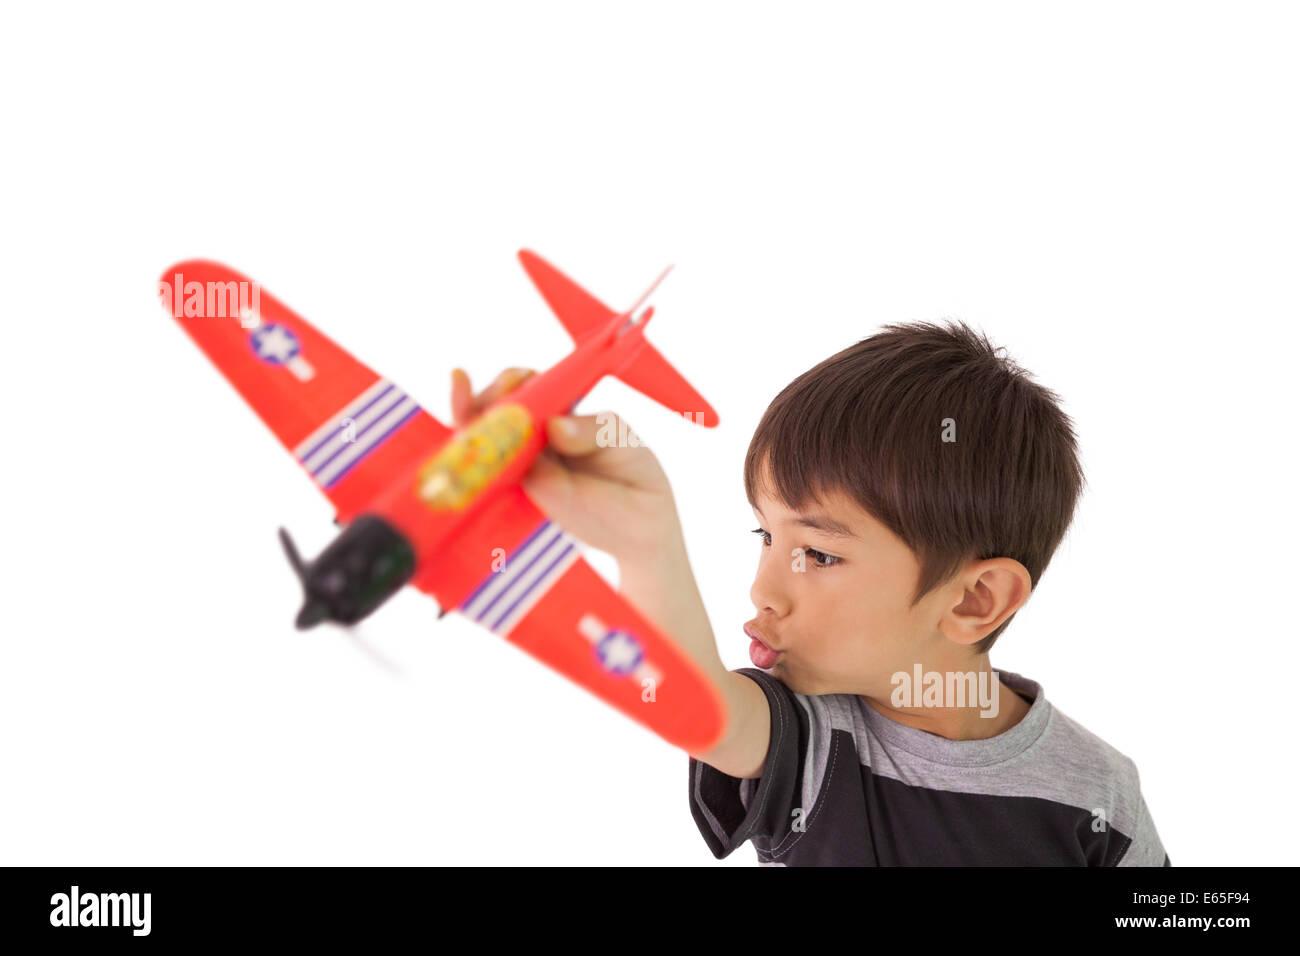 Glückliche kleine Junge spielt mit Spielzeugflugzeug Stockbild